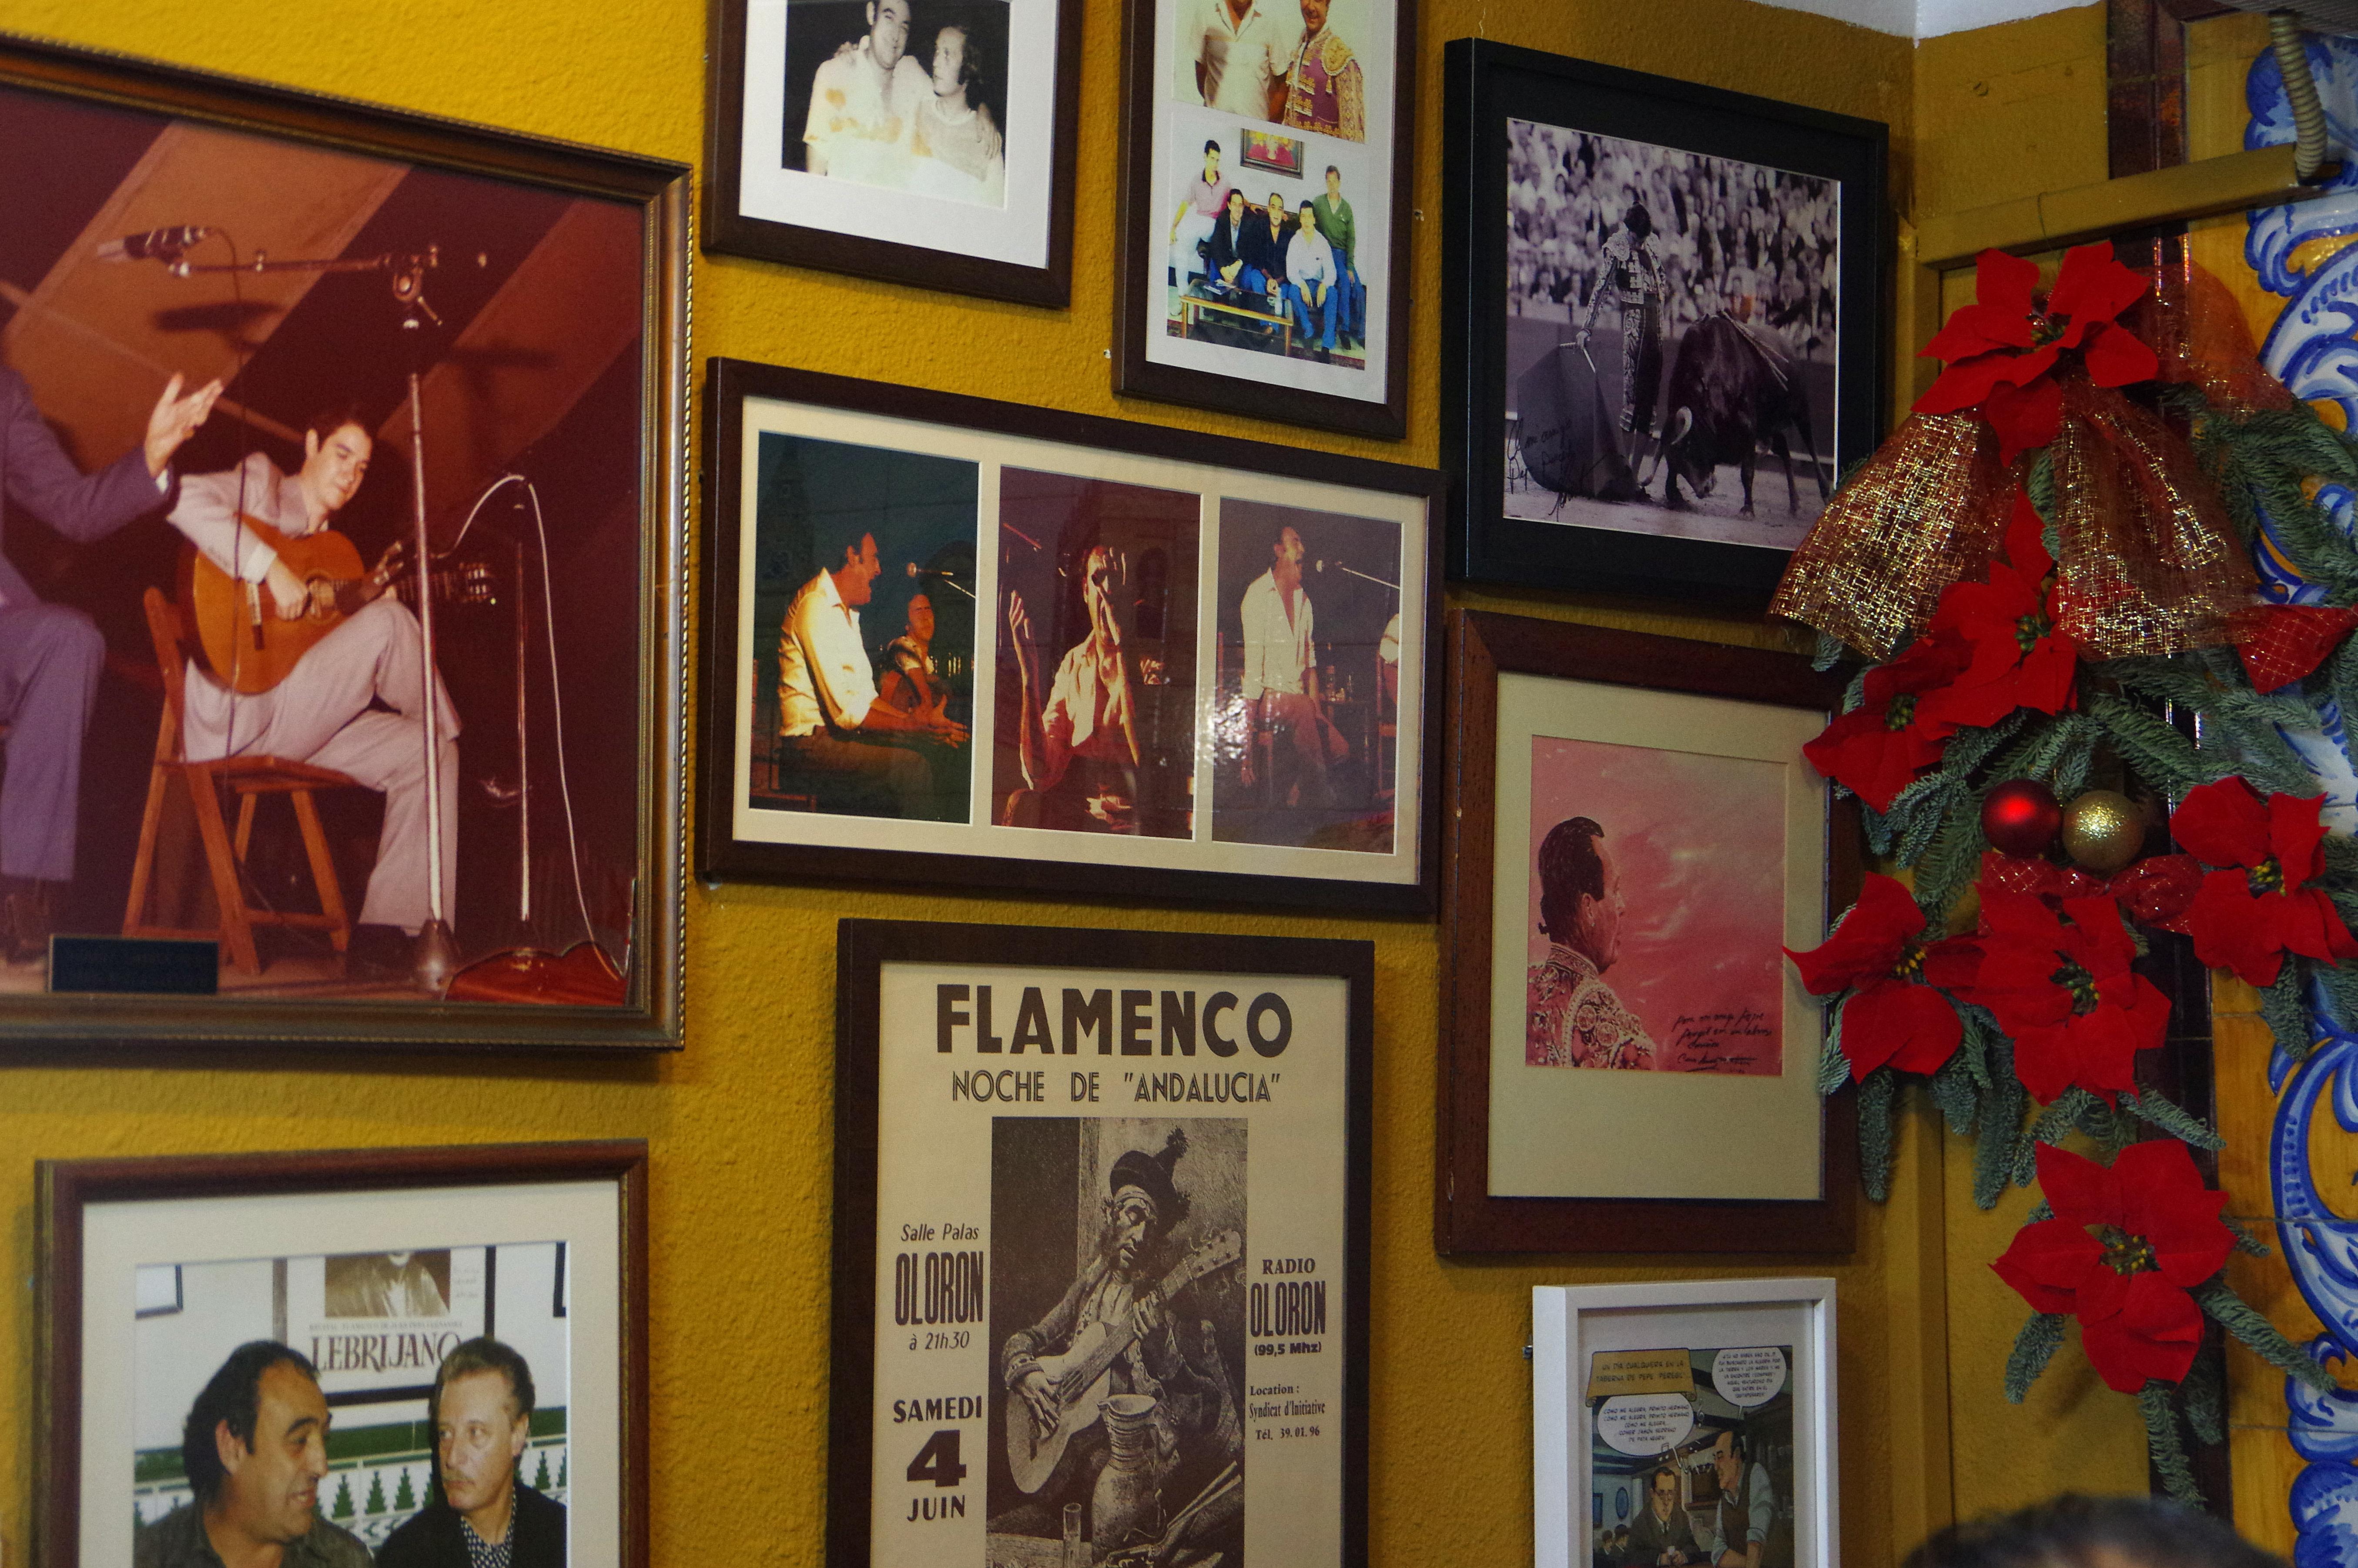 Spain seville tapas bar flamenco photos chris bladon